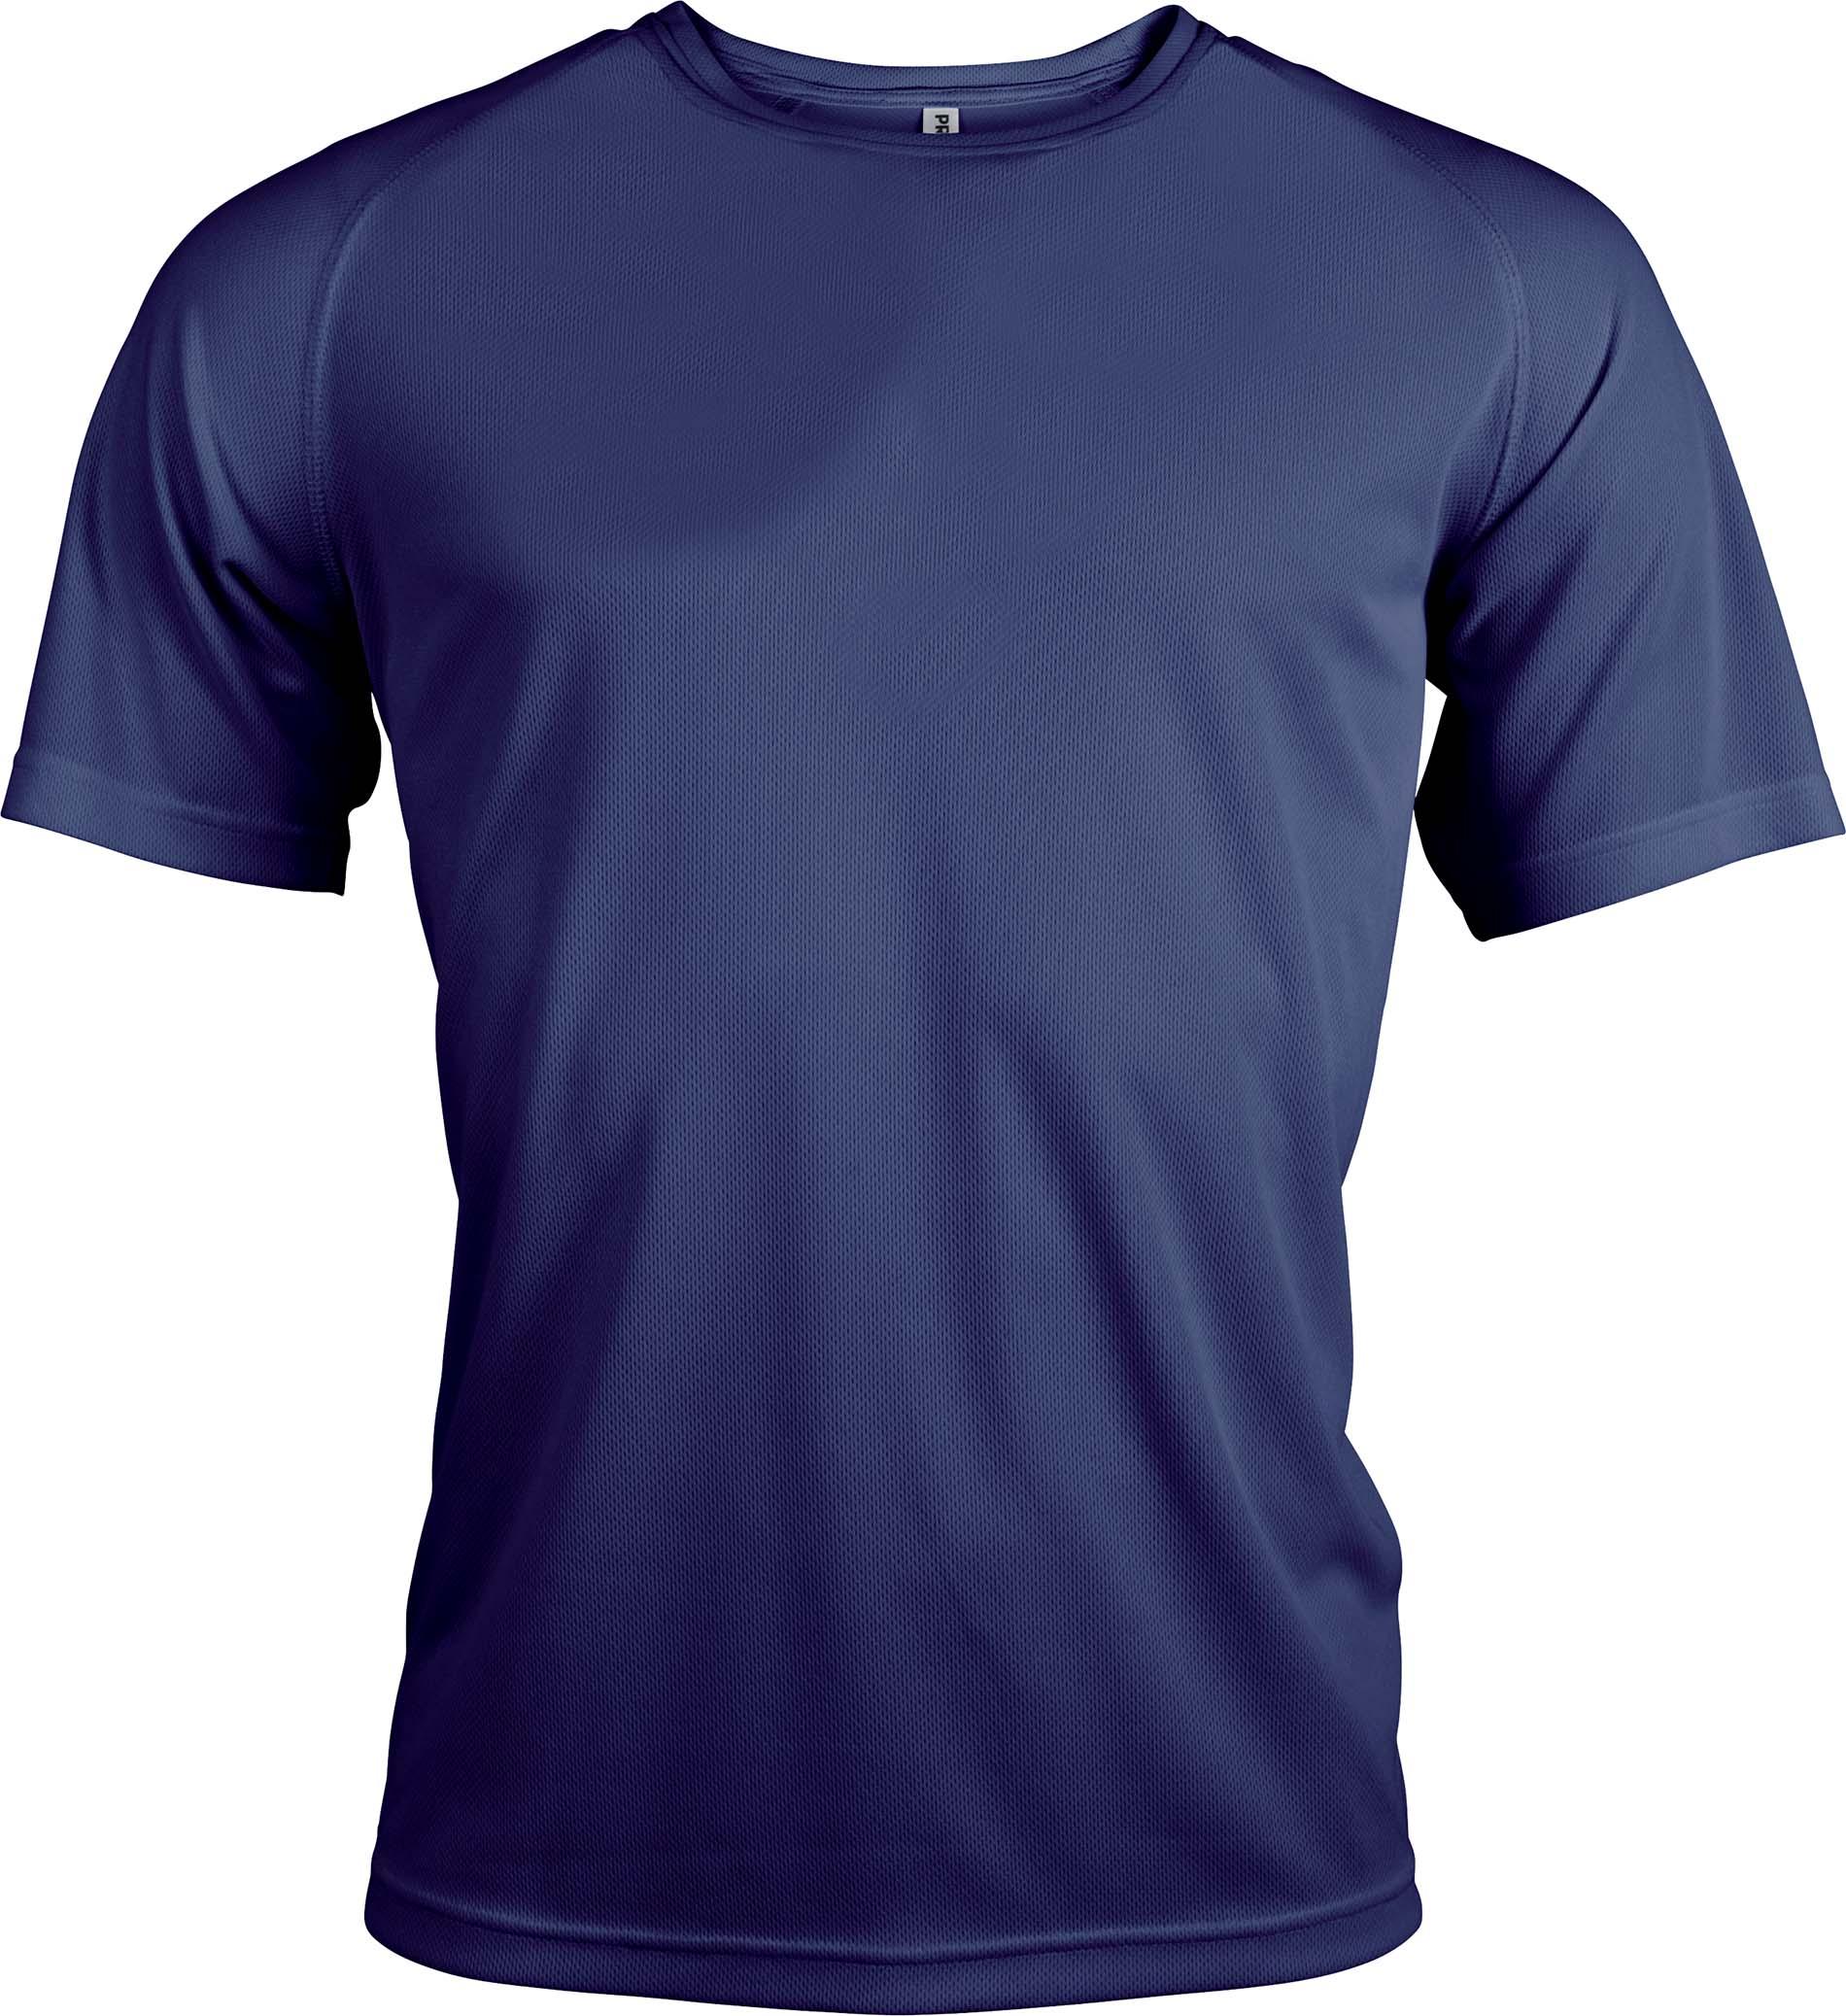 Miesten tekninen T-paita PA438 Navy